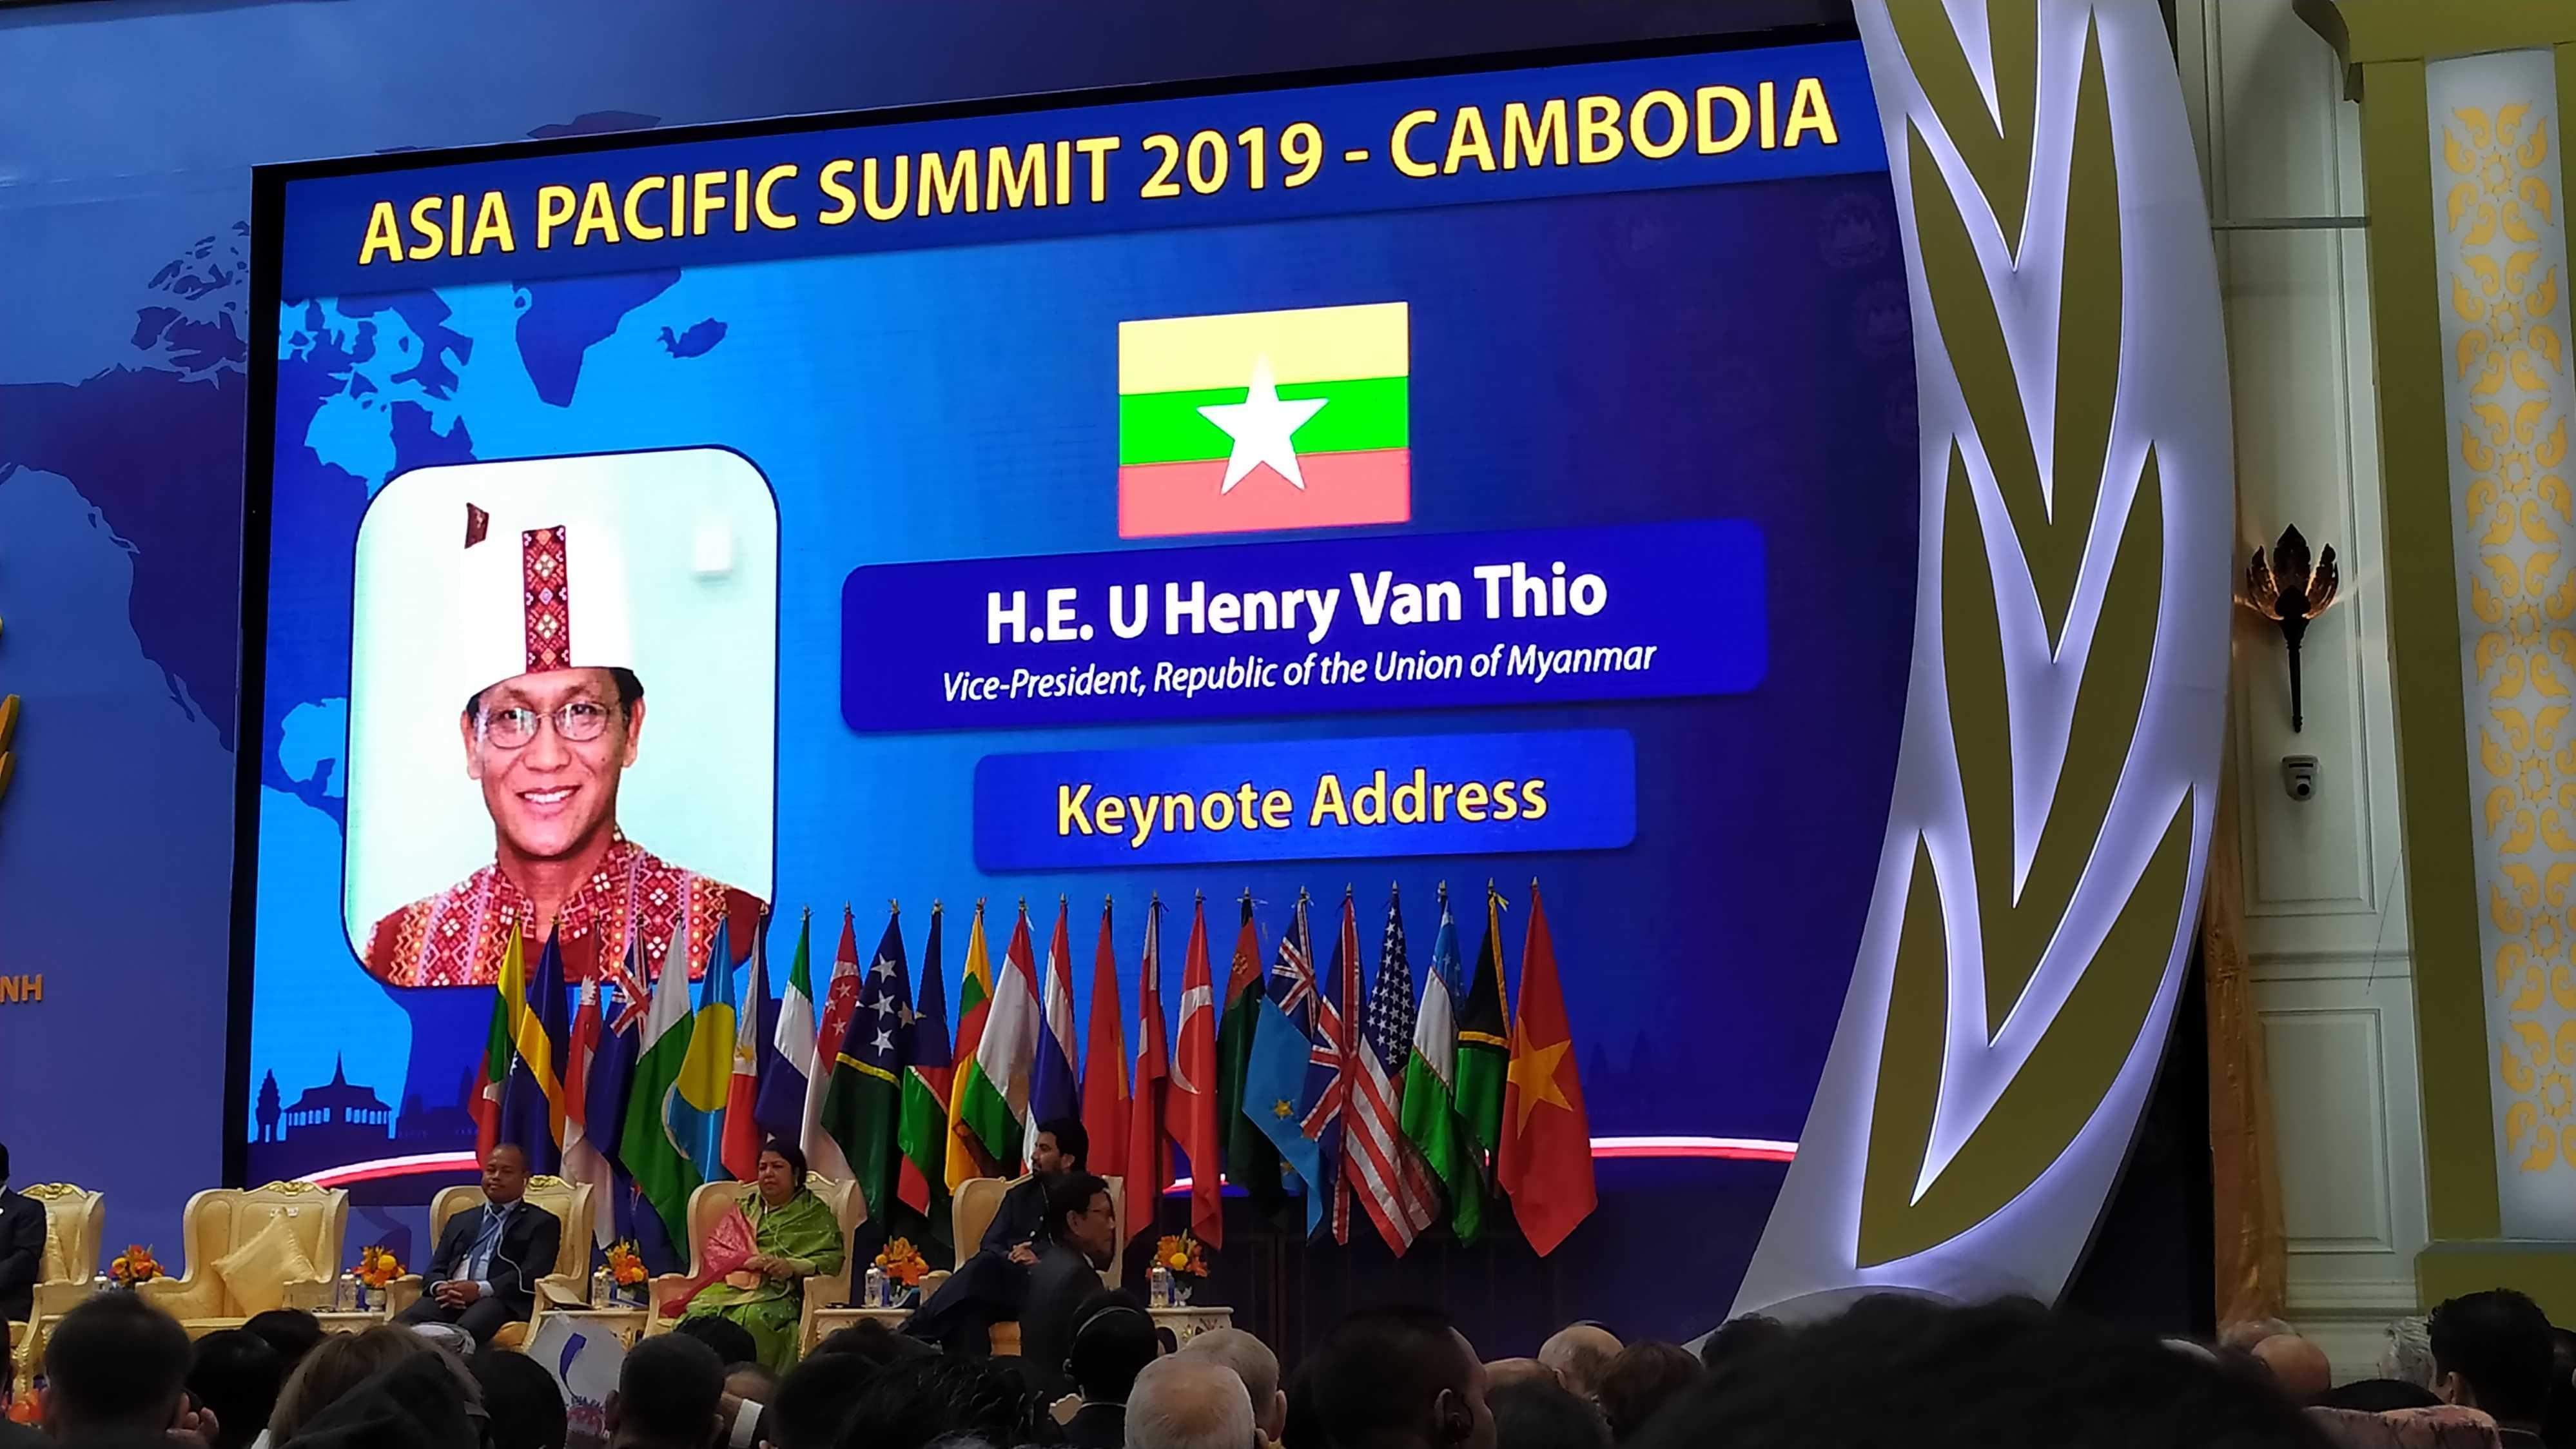 Под занавес конференции вице-президент Союза Мьянмы Генри Ван Тхио пригласил провести следующий саммит стран АТР-2020 в его стране.